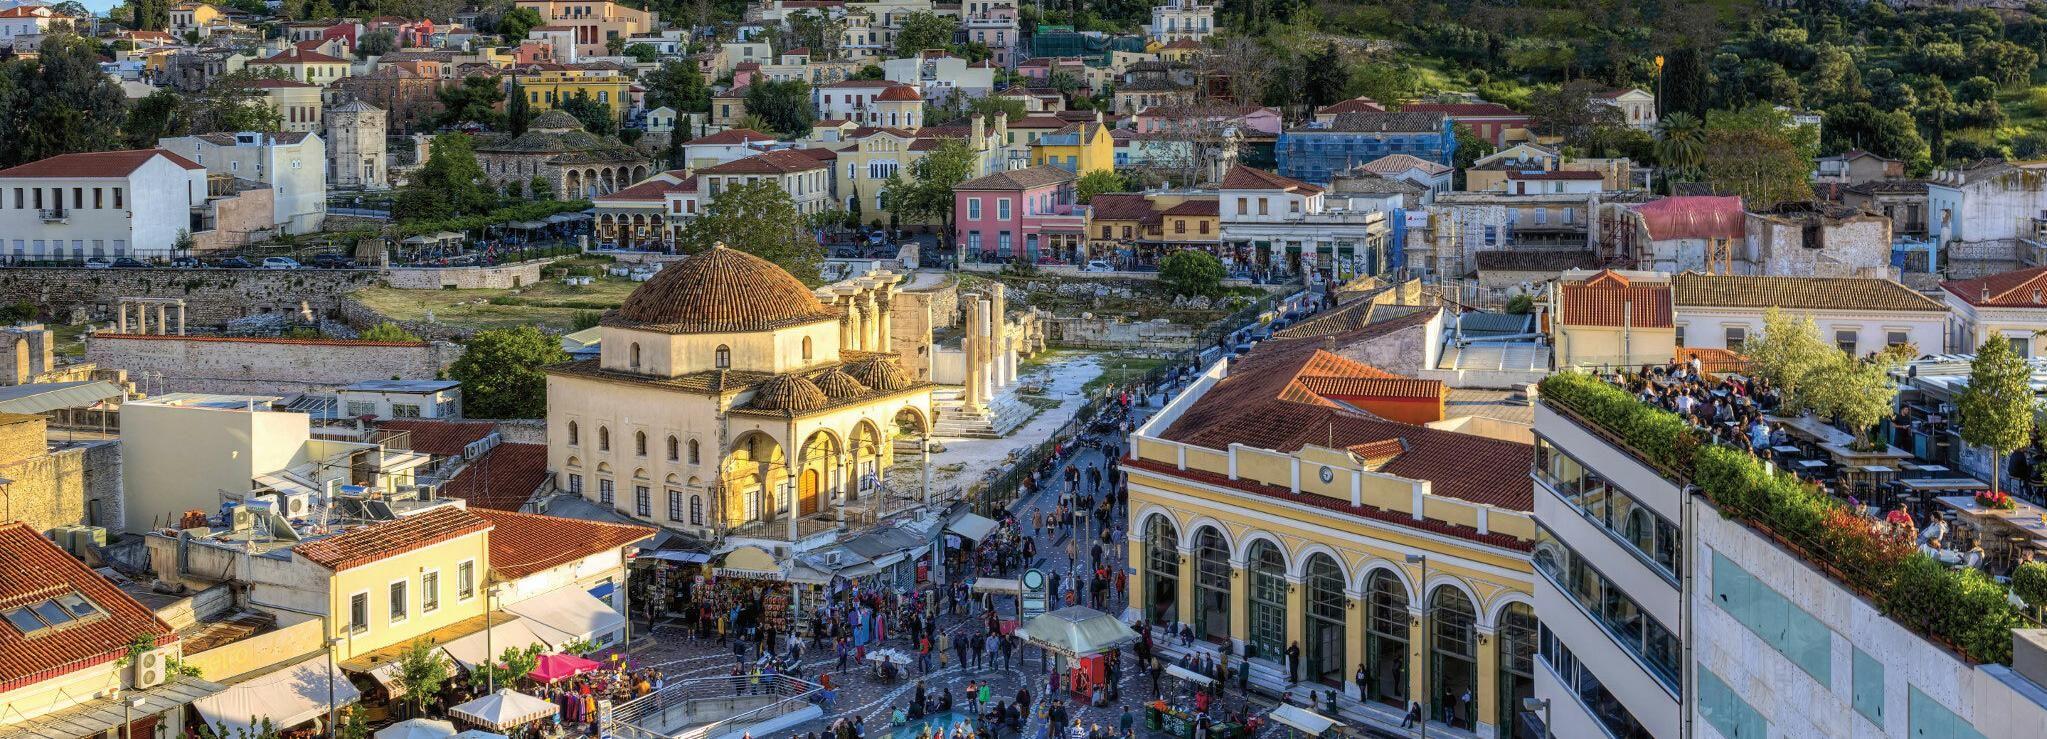 Atenas y Acrópolis: tour a pie de 3 horas